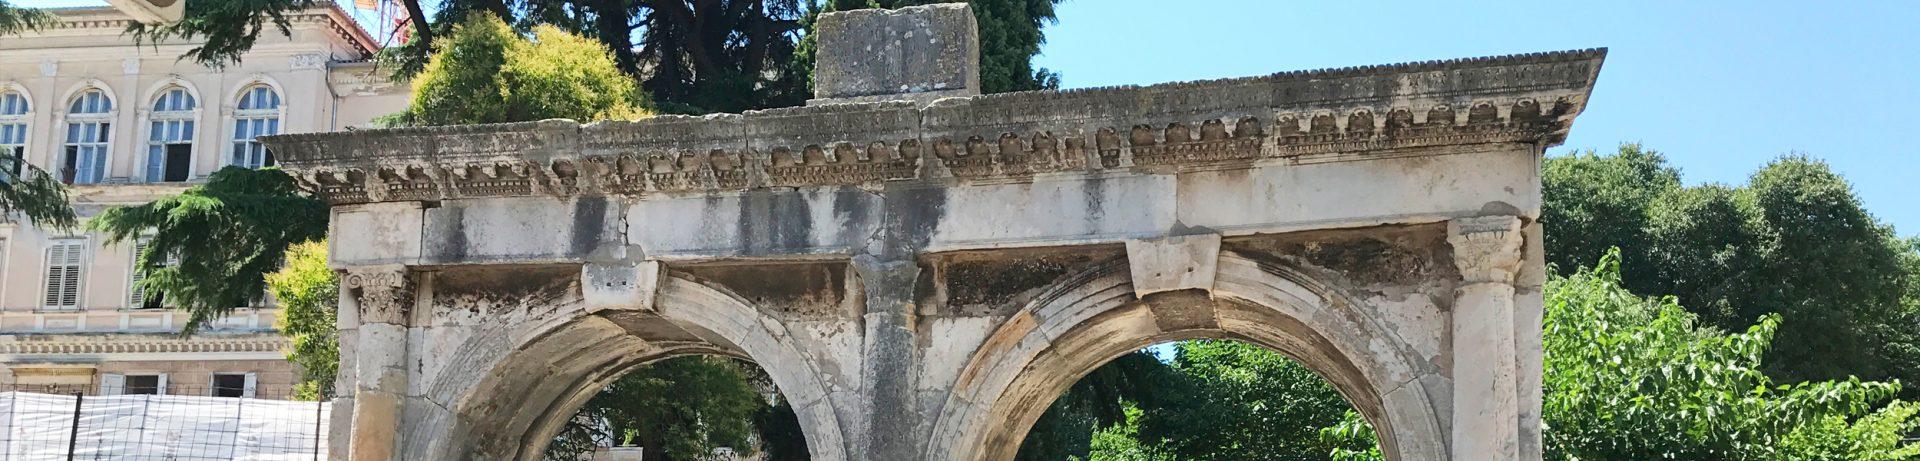 brama podwójna w Puli